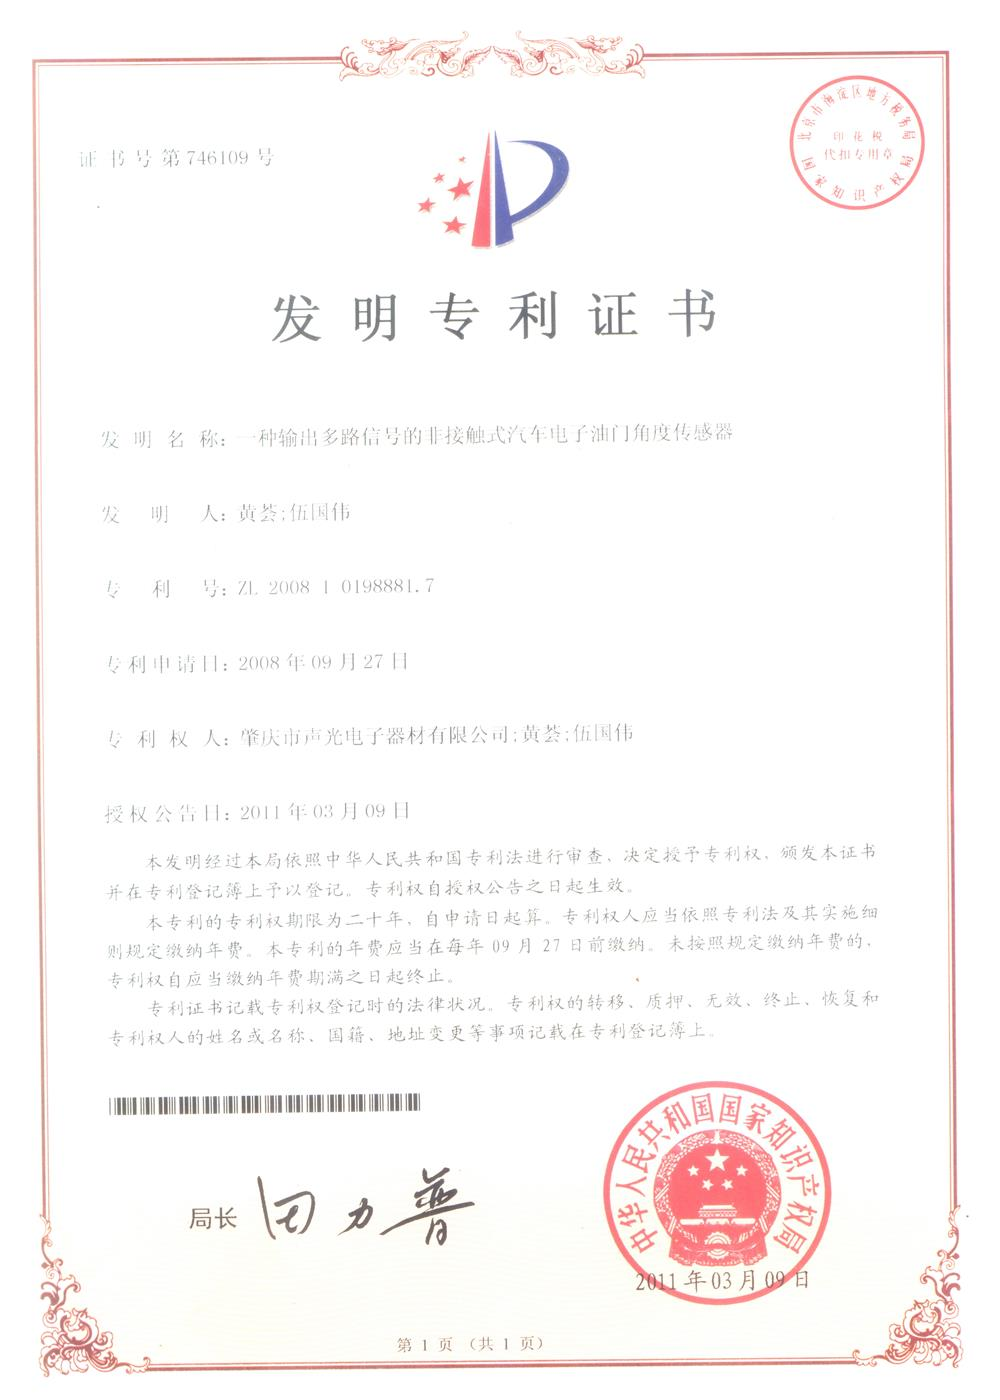 一种输出多路信号的非接触式汽车电子油门角度传感器专利证书